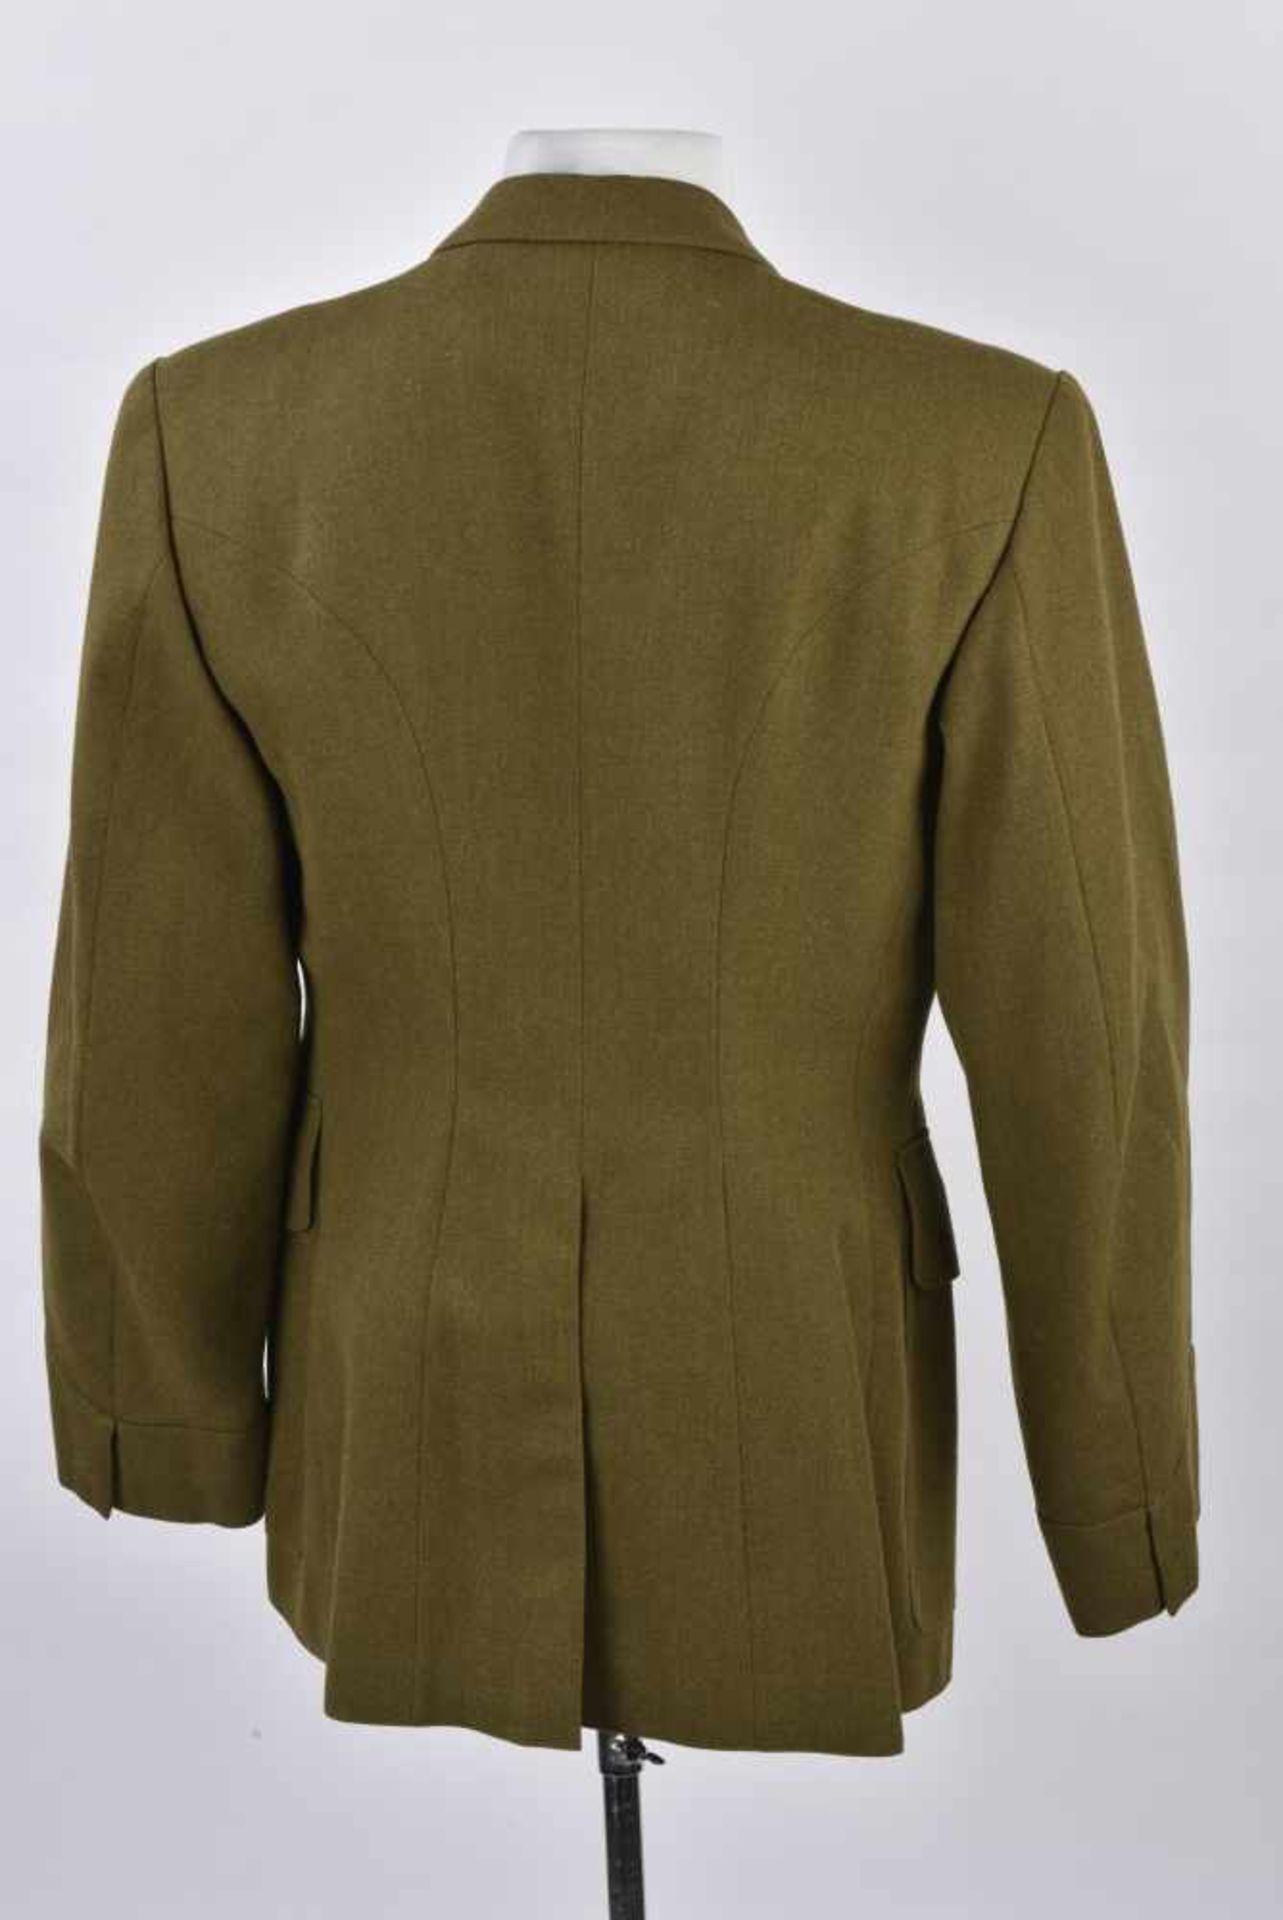 Vareuse French M.25 sans attributs. Bonne taille, complète et en TBE. French' jacket M.25, without - Bild 2 aus 4